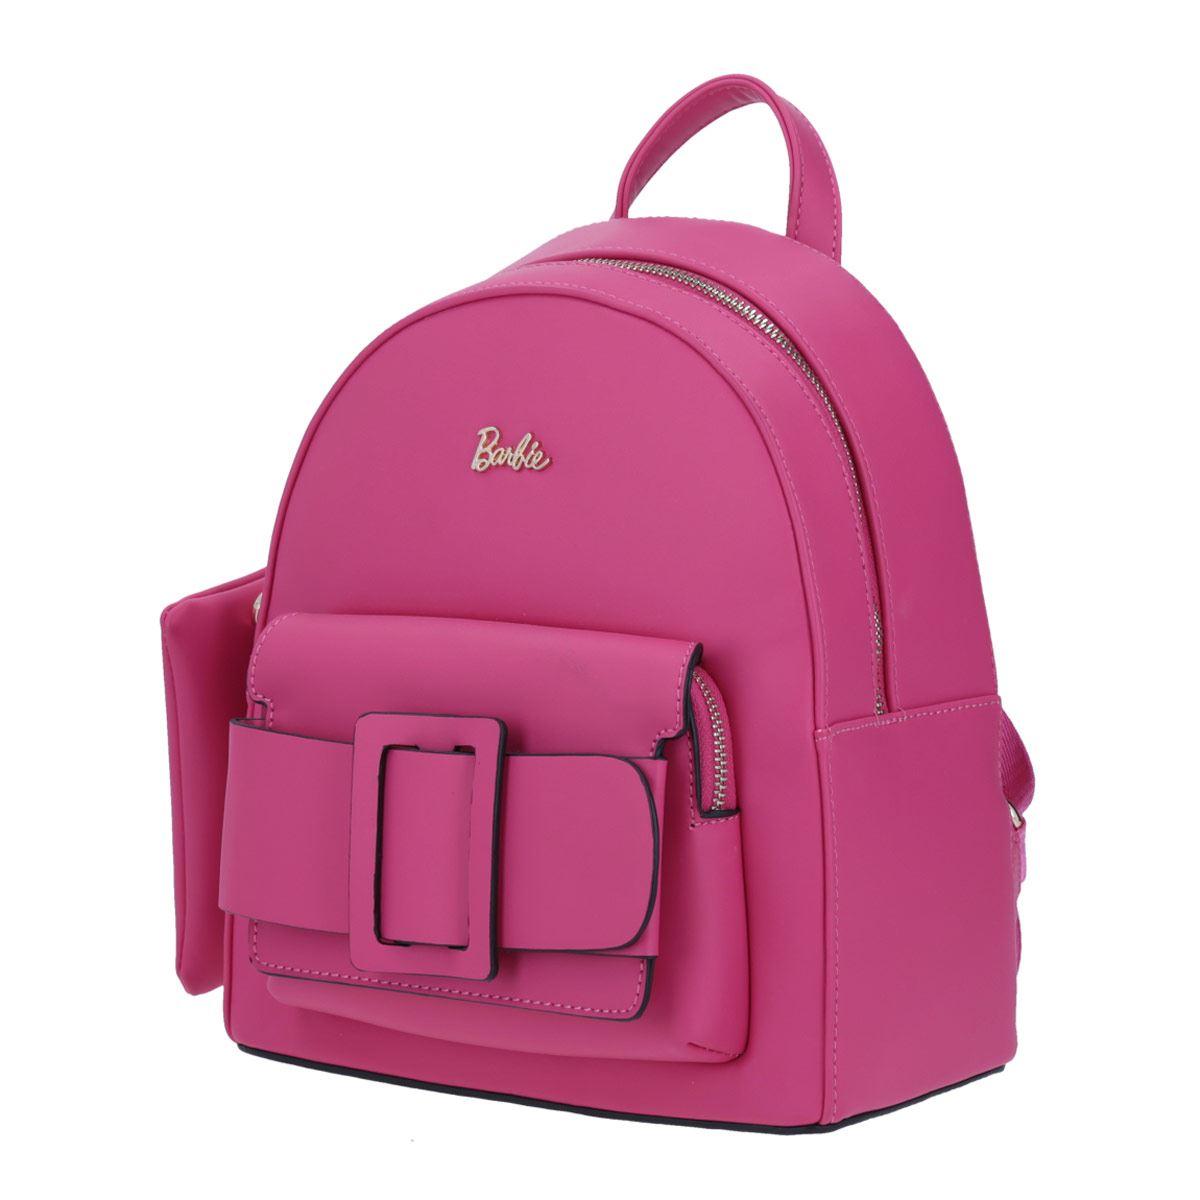 Mochila de dama Barbie X Gorett backpack mediana rosa modelo GS20251-P